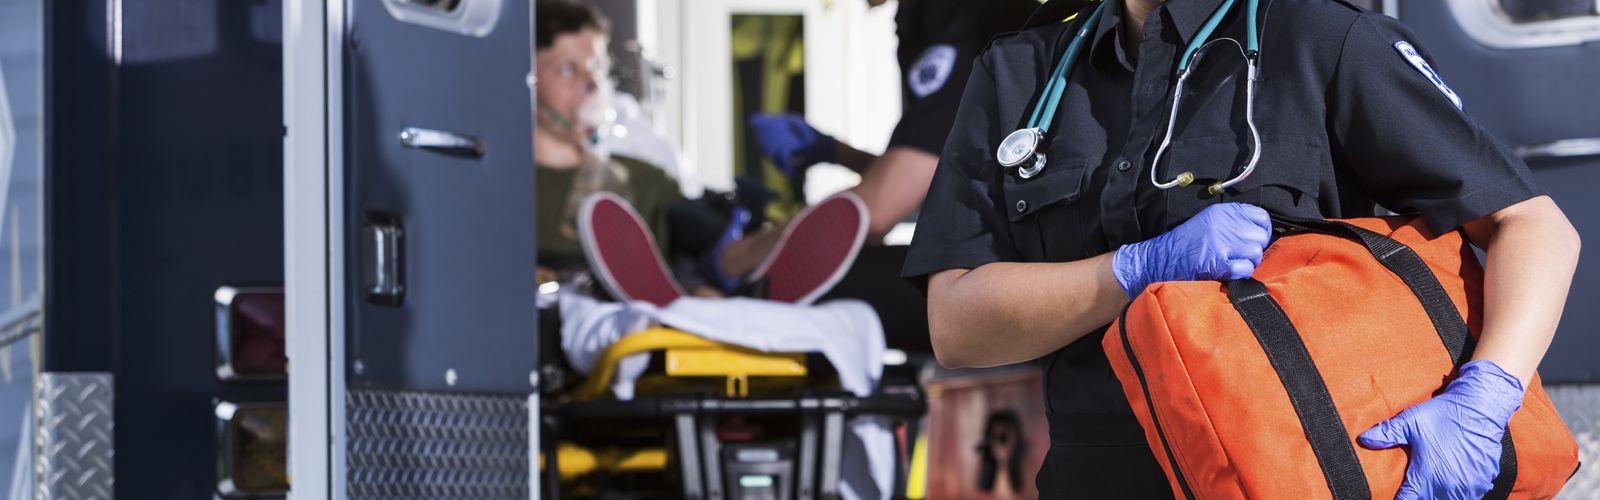 Comment bénéficier d'une ambulance?